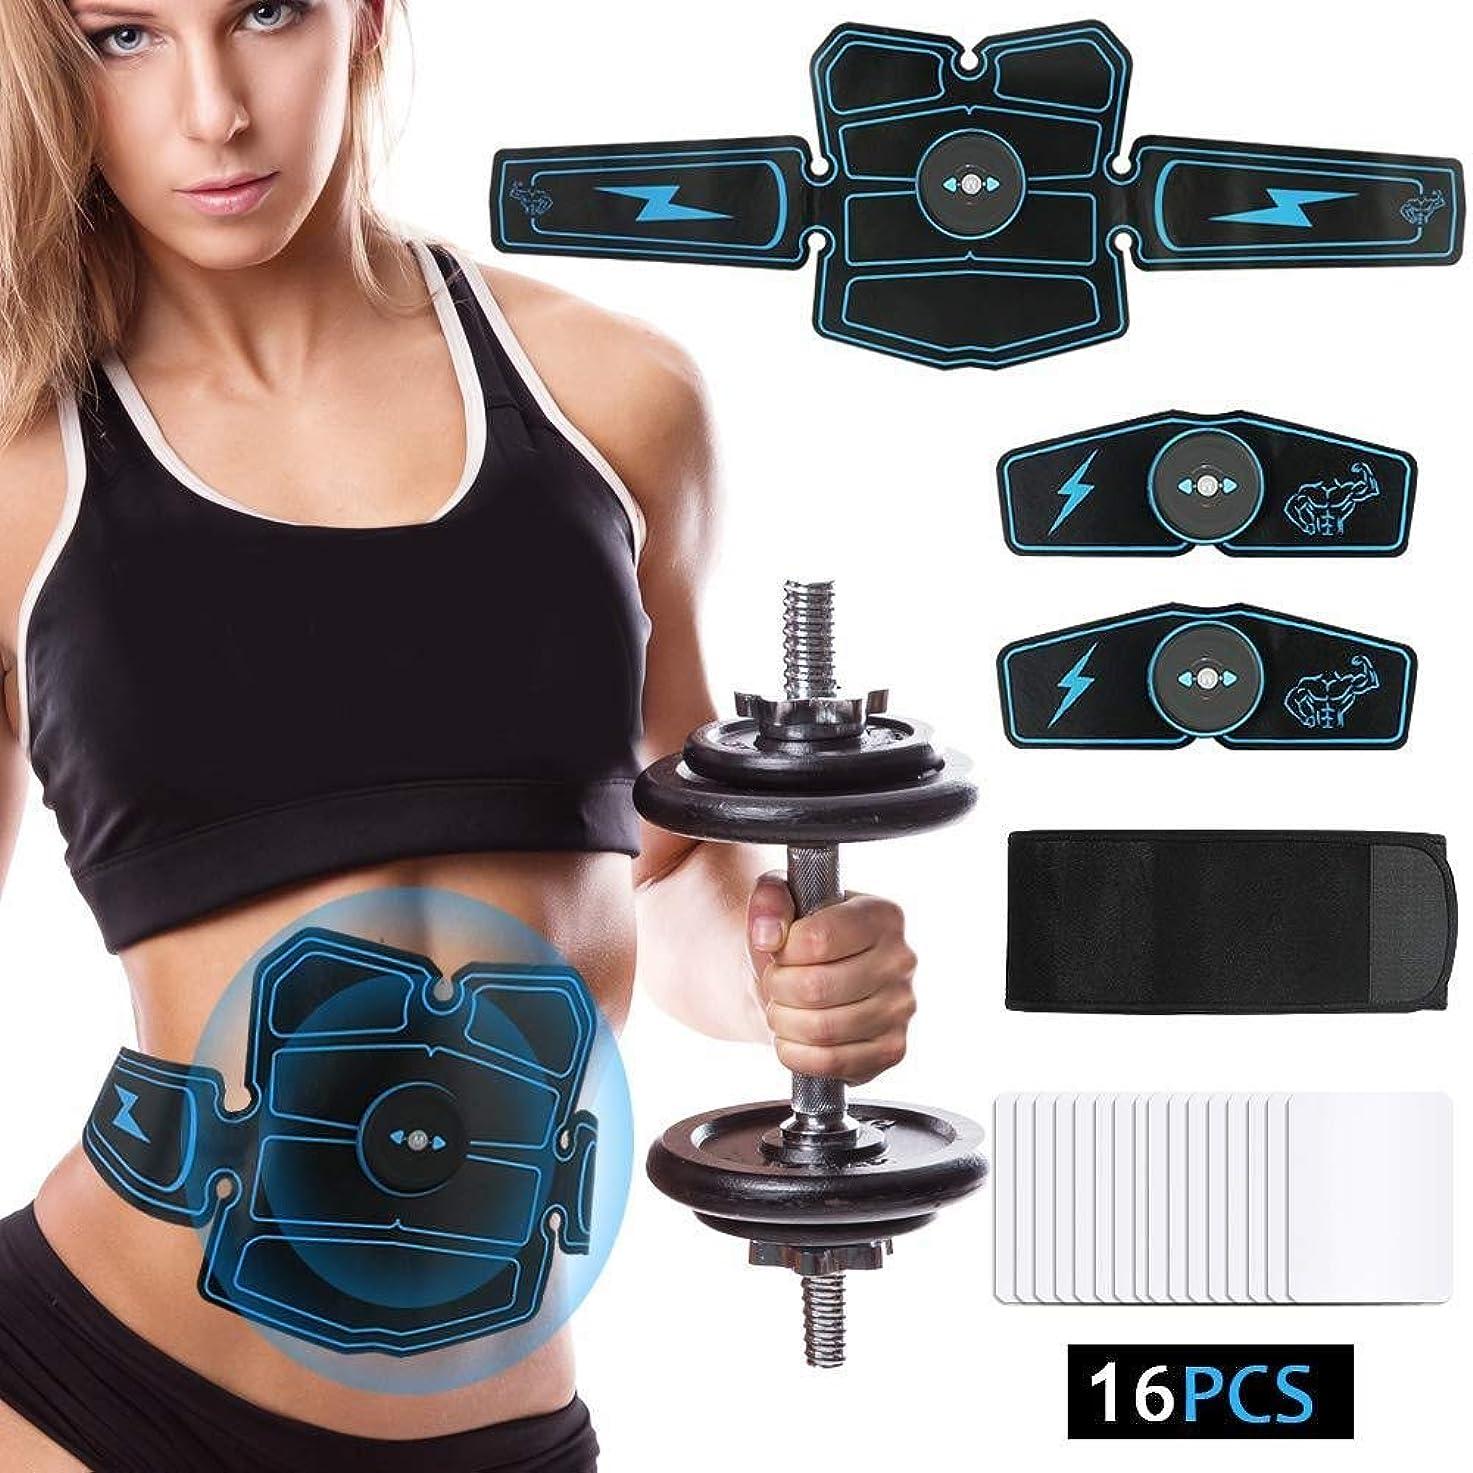 バウンド遅い保守可能腹部の筋肉マッサージ、スマートフィットネス機器、エクササイズトレーナー、腰椎運動機器、筋肉ホームパルサー